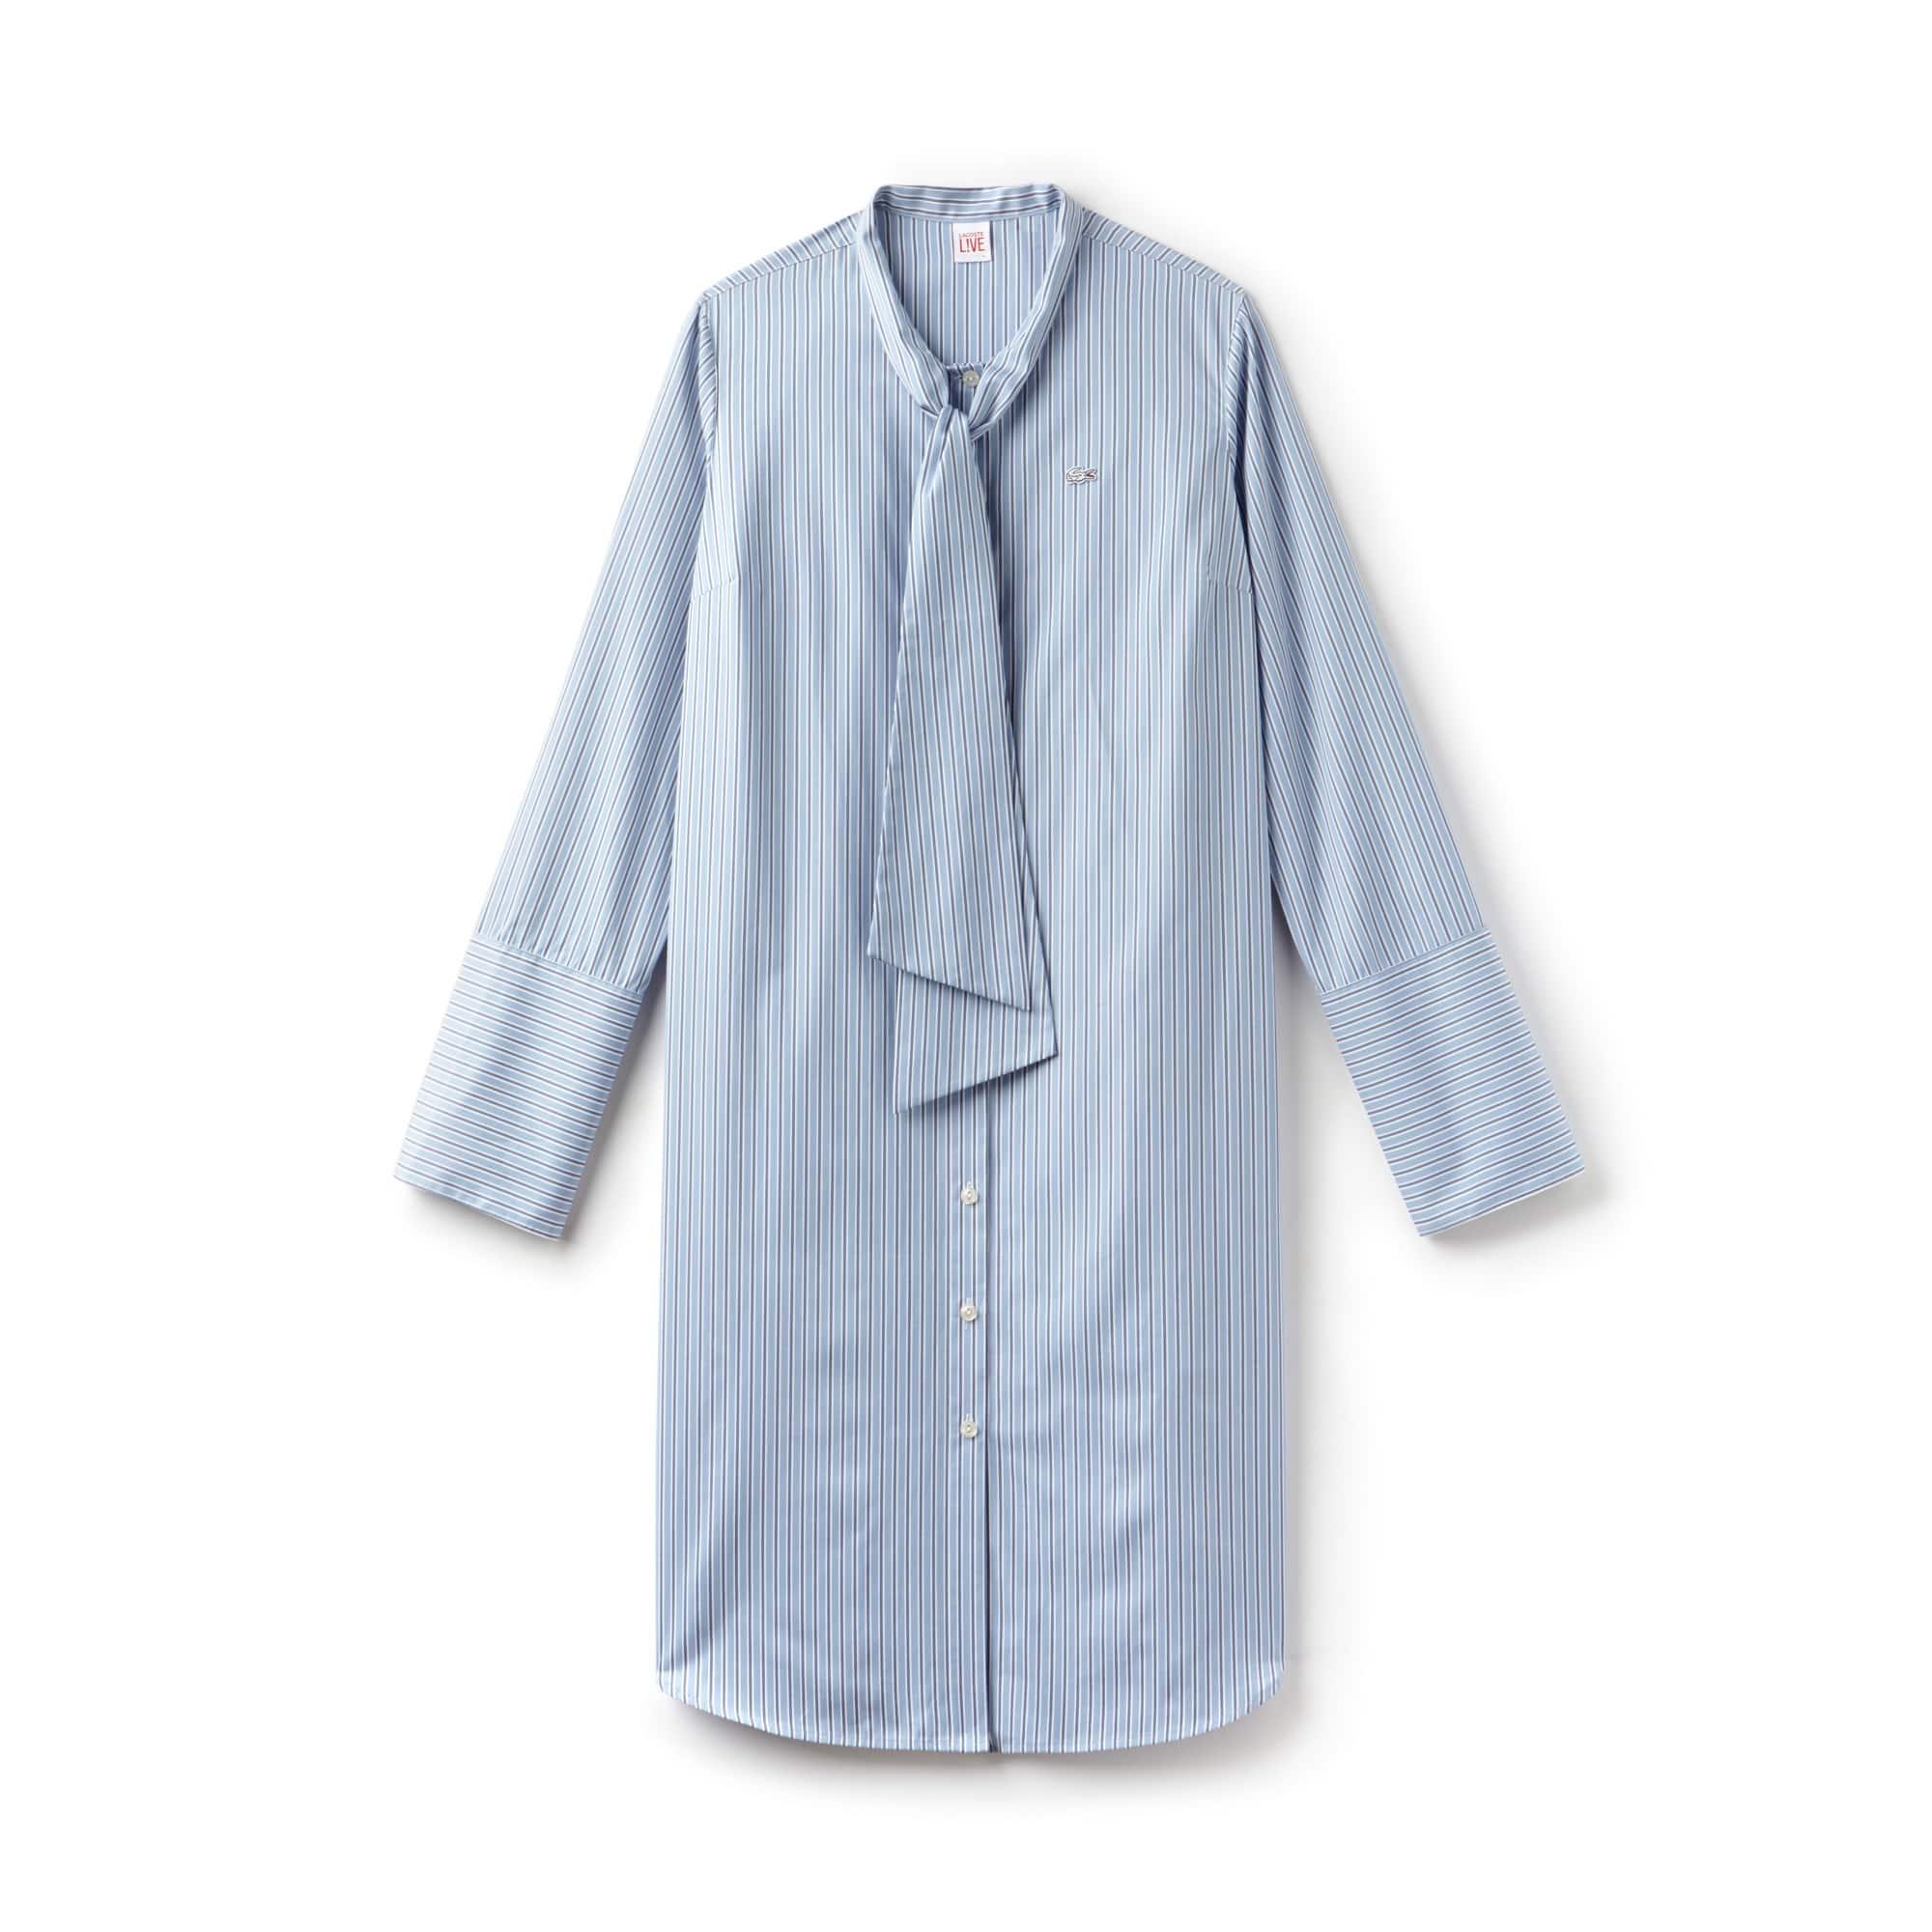 Women's LIVE Bow Neck Shirt Dress